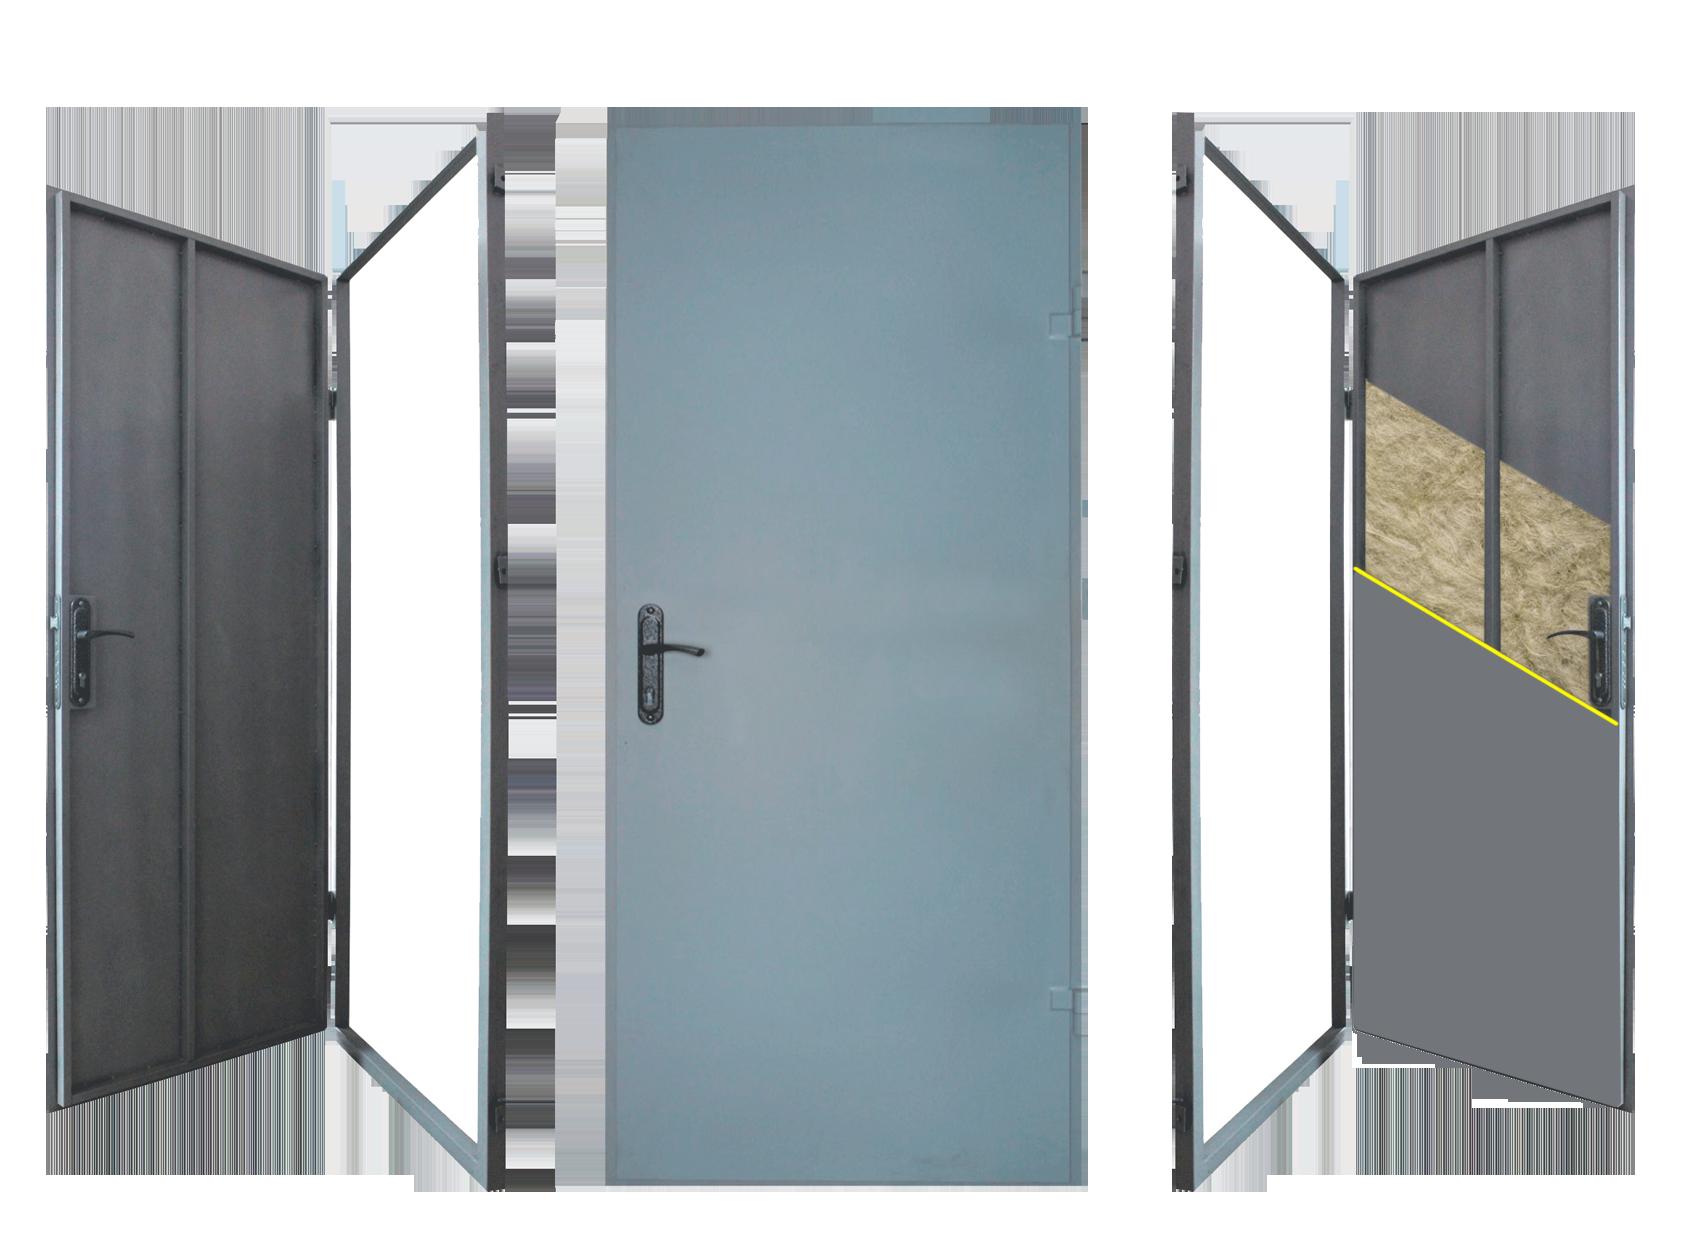 Технические двери металлические от производителя Двери Комфорта 782e11a879e